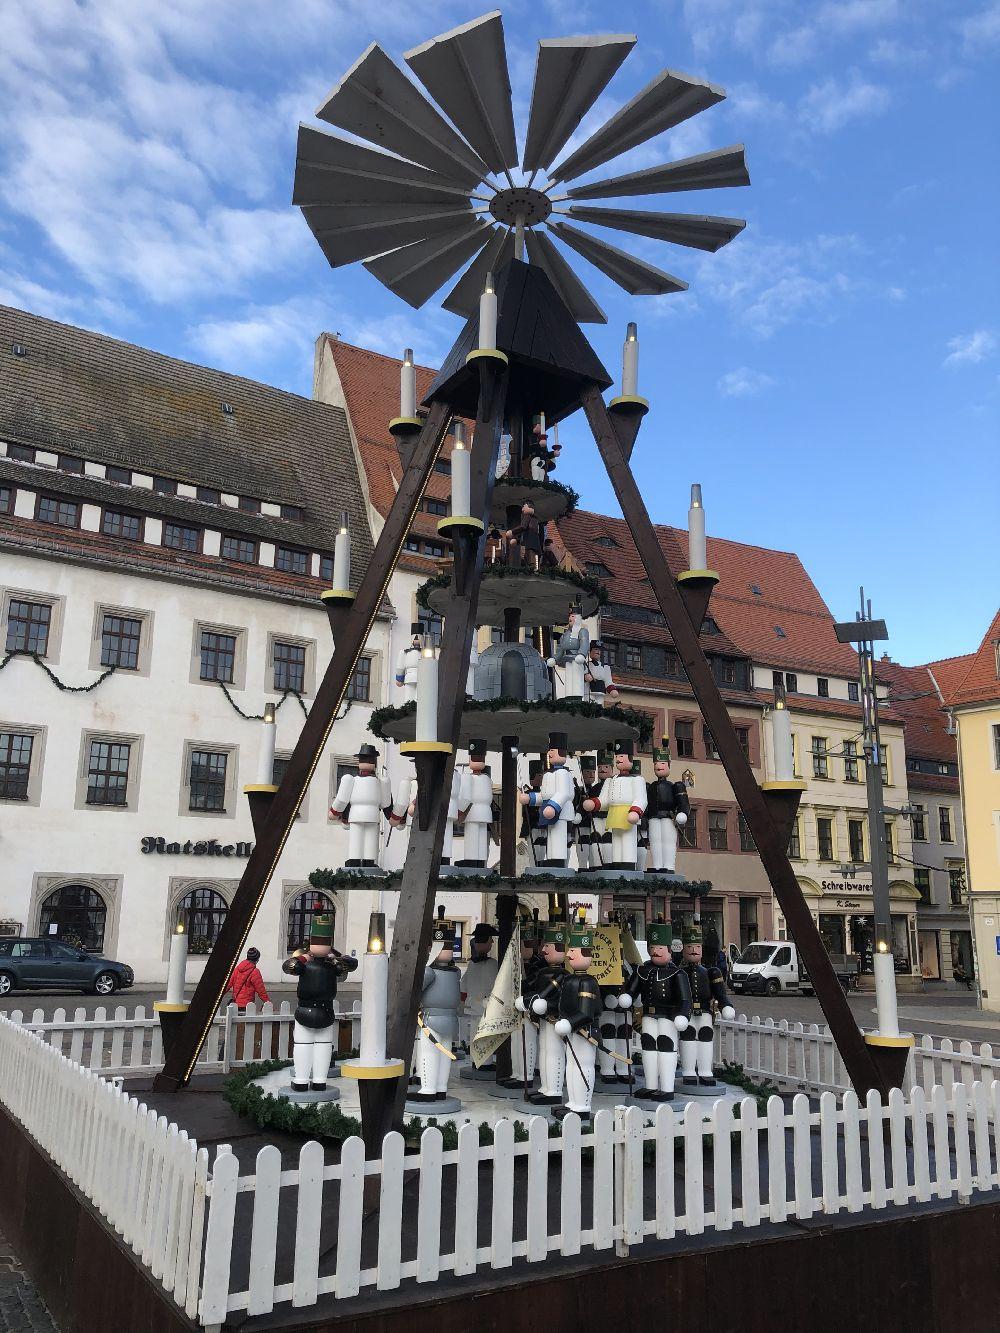 47  komplette Bestückung Weihnachtspyramide Freiberg  45 Figuren